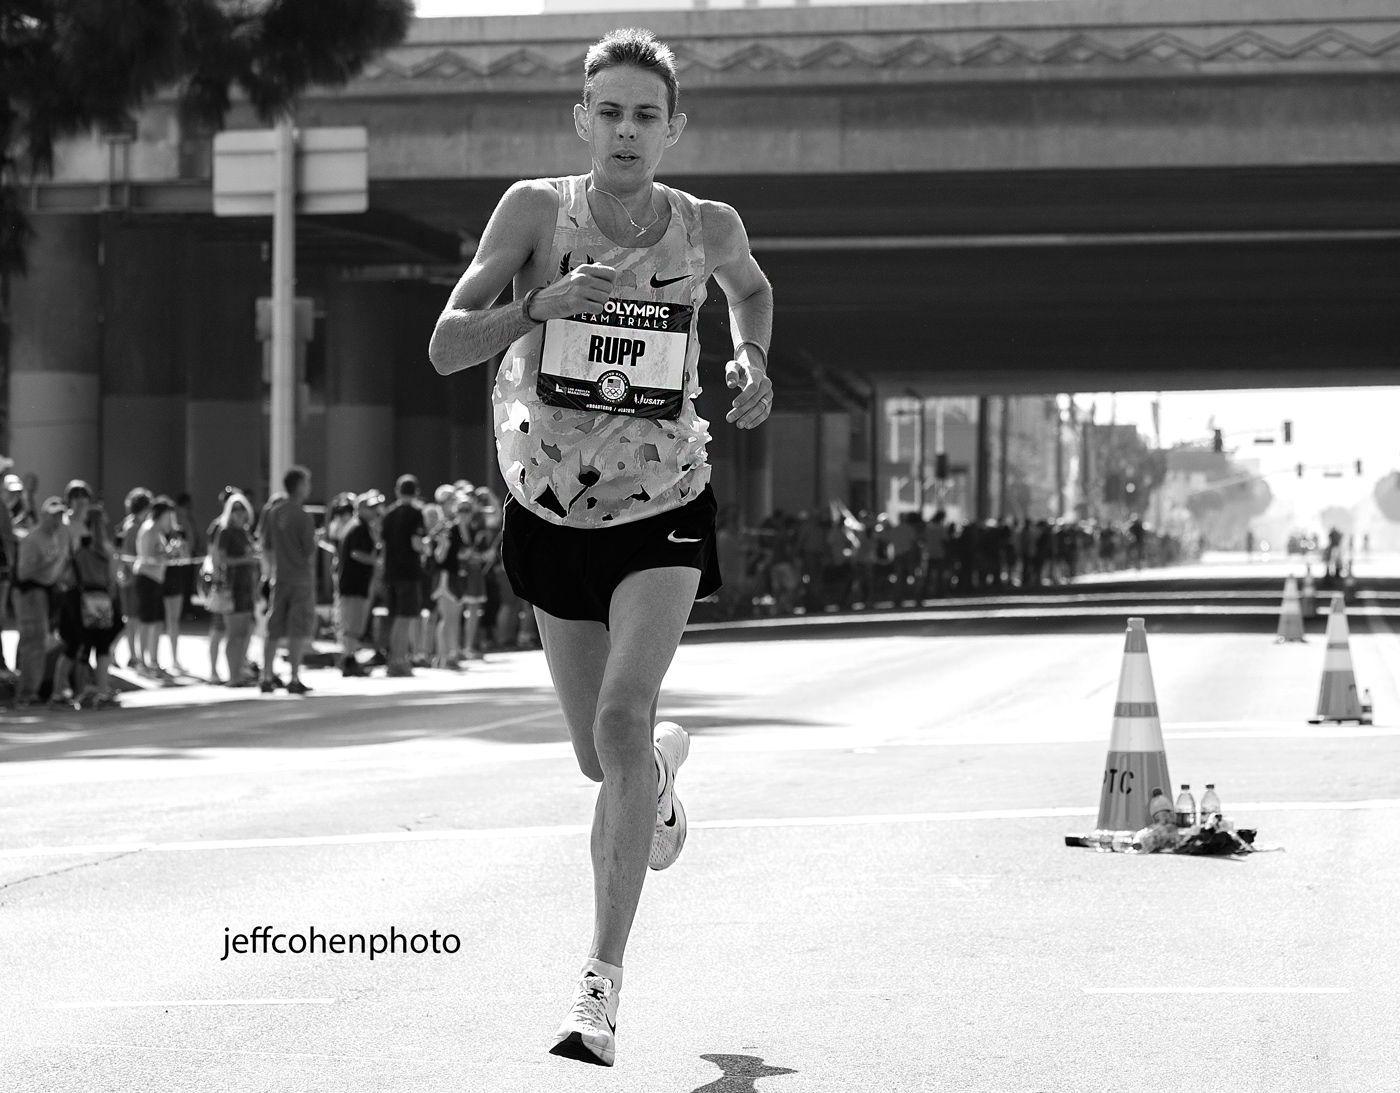 1r2016_us_trials_marathon__galen_rupp_bw_jeff_cohen_photo_2414_web.jpg